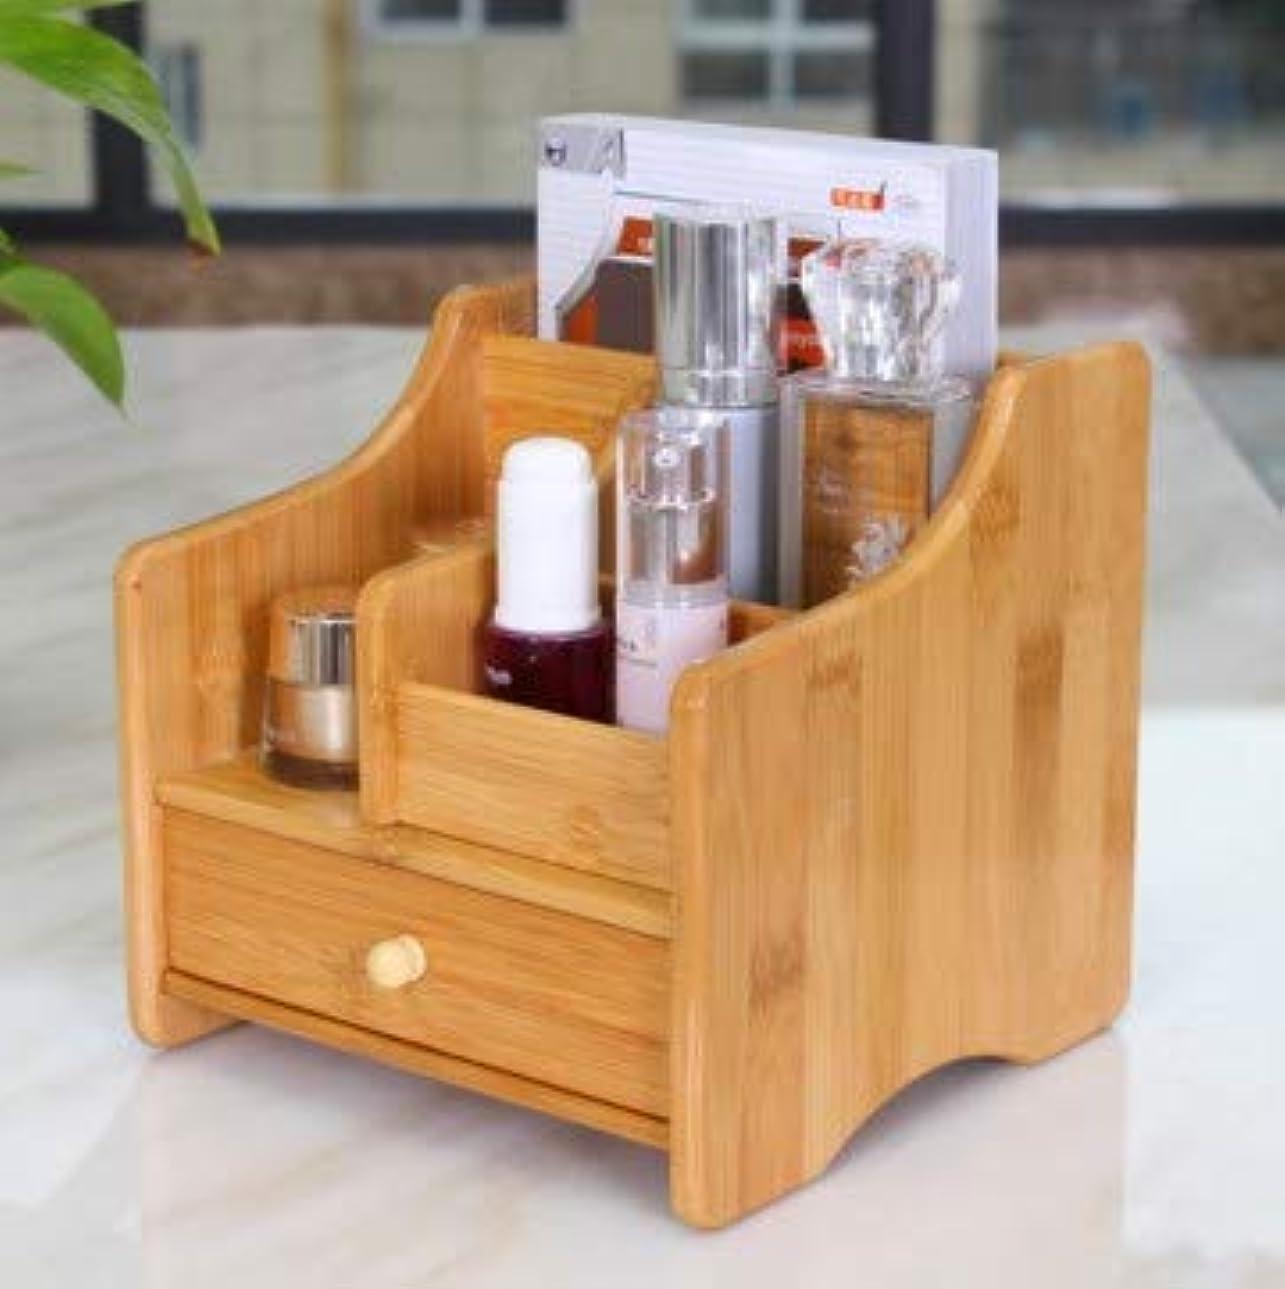 アーサー取り替える腕竹デスクトップリモコン収納ボックスデスクトップ化粧品文房具竹棚化粧品収納ボックス